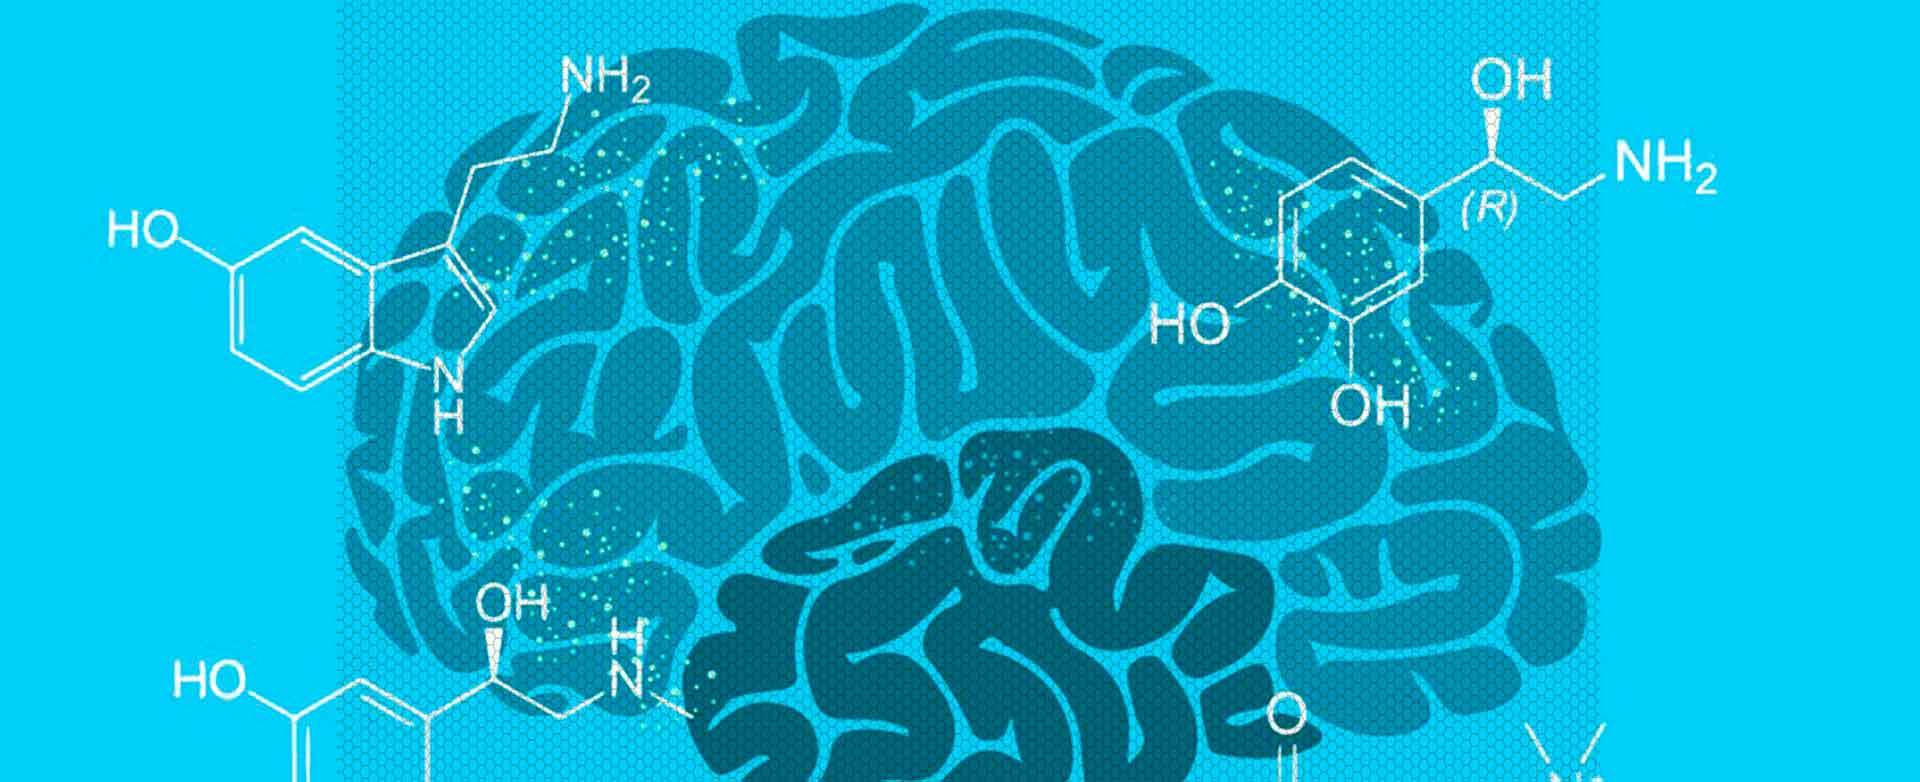 Не размер, а химический состав мозга сделал нас людьми